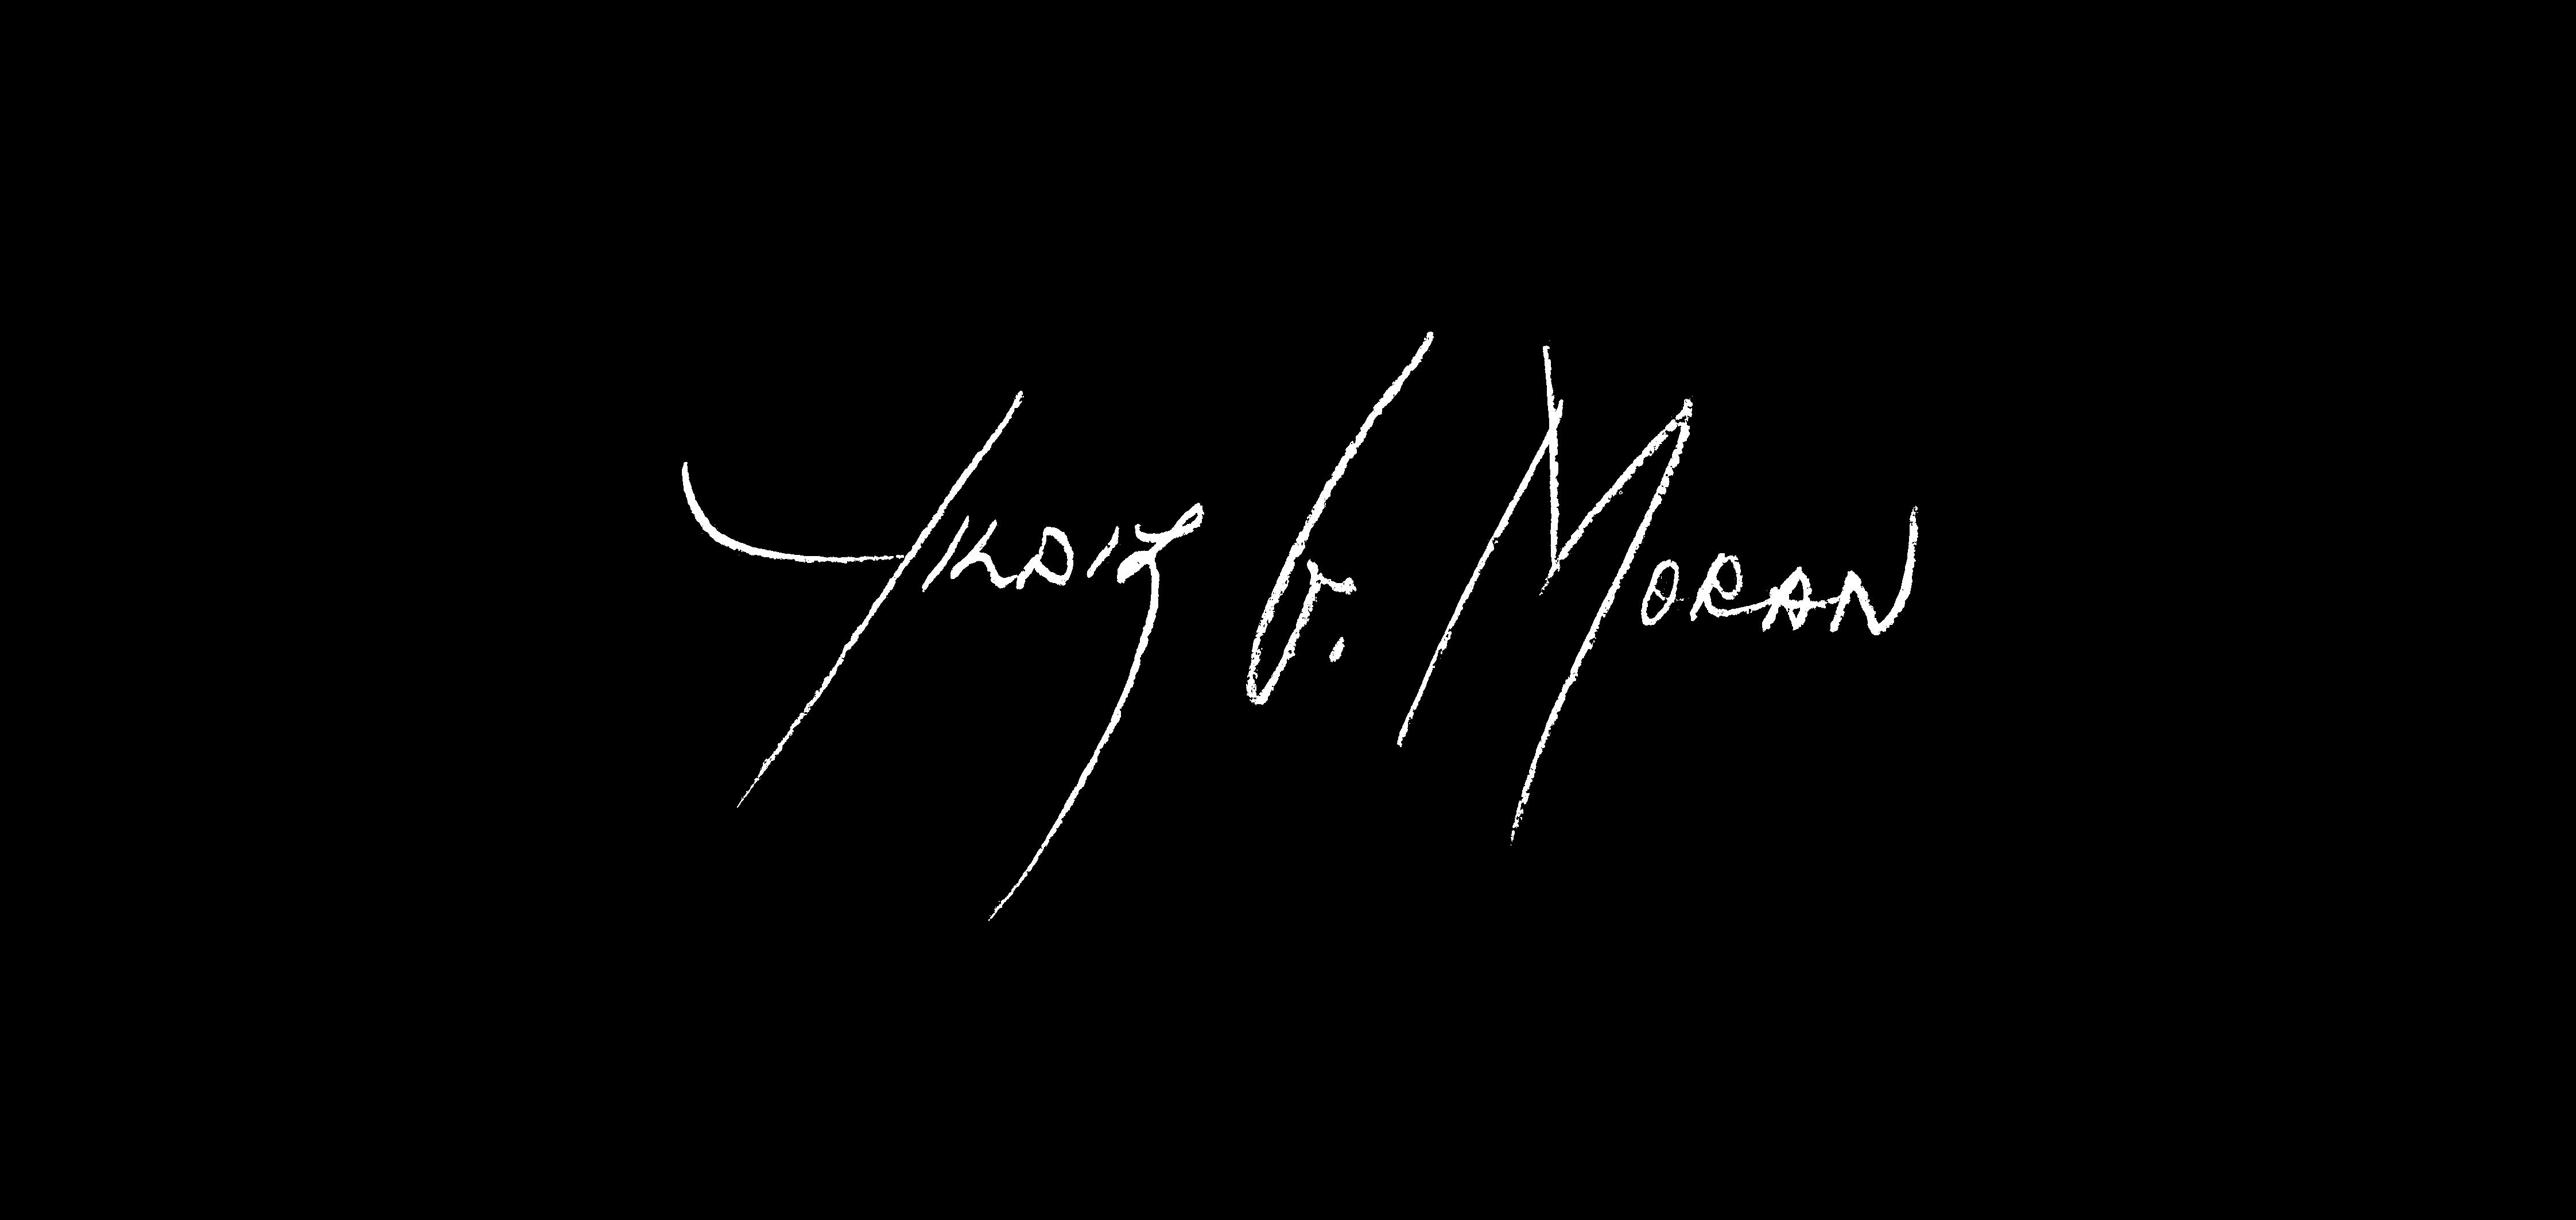 YILDIZ V. MORAN